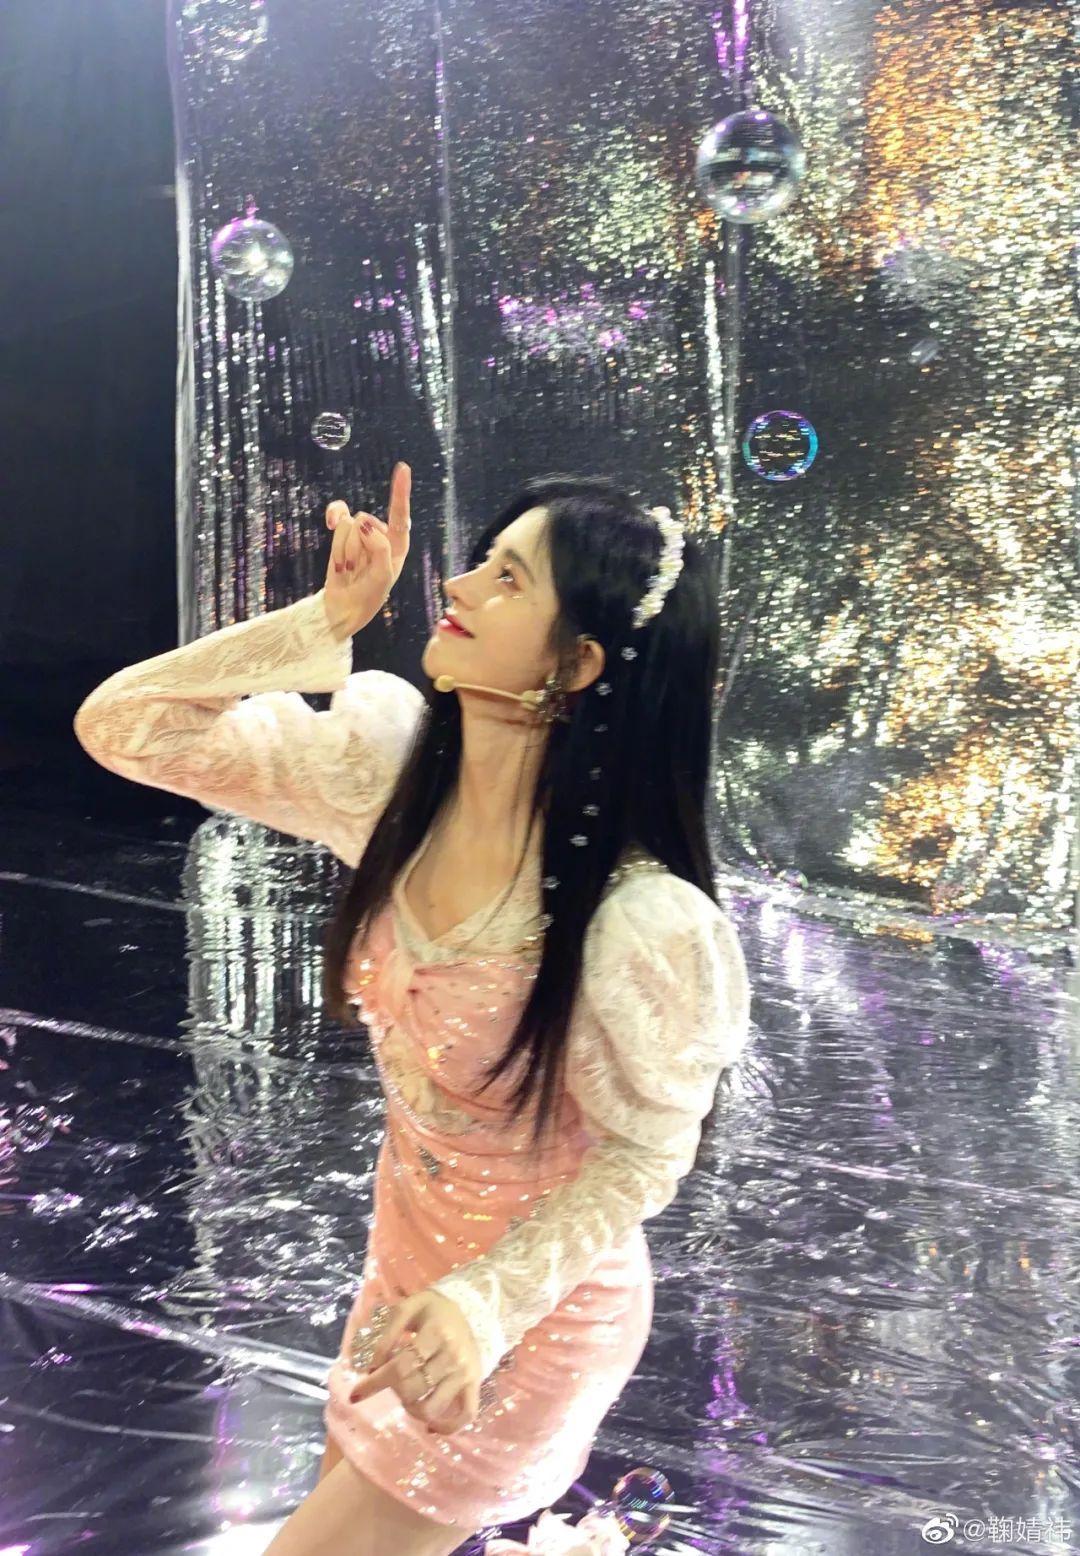 妹子写真 -美少女鞠婧祎和日本演员三吉彩花,你喜欢哪位呢?_图片 No.25